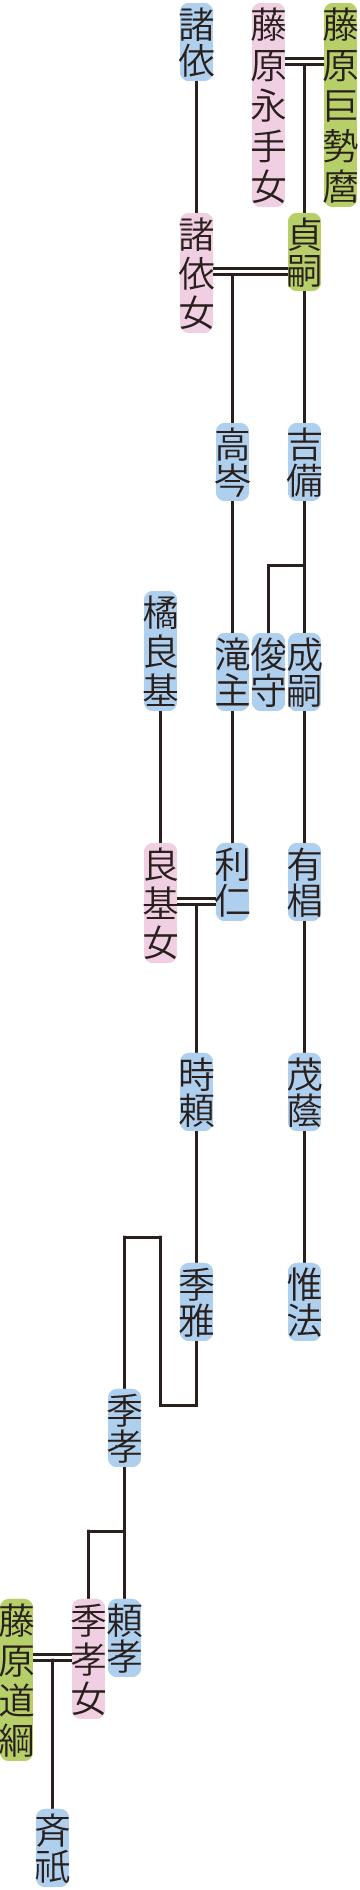 藤原吉備・高岑の系図